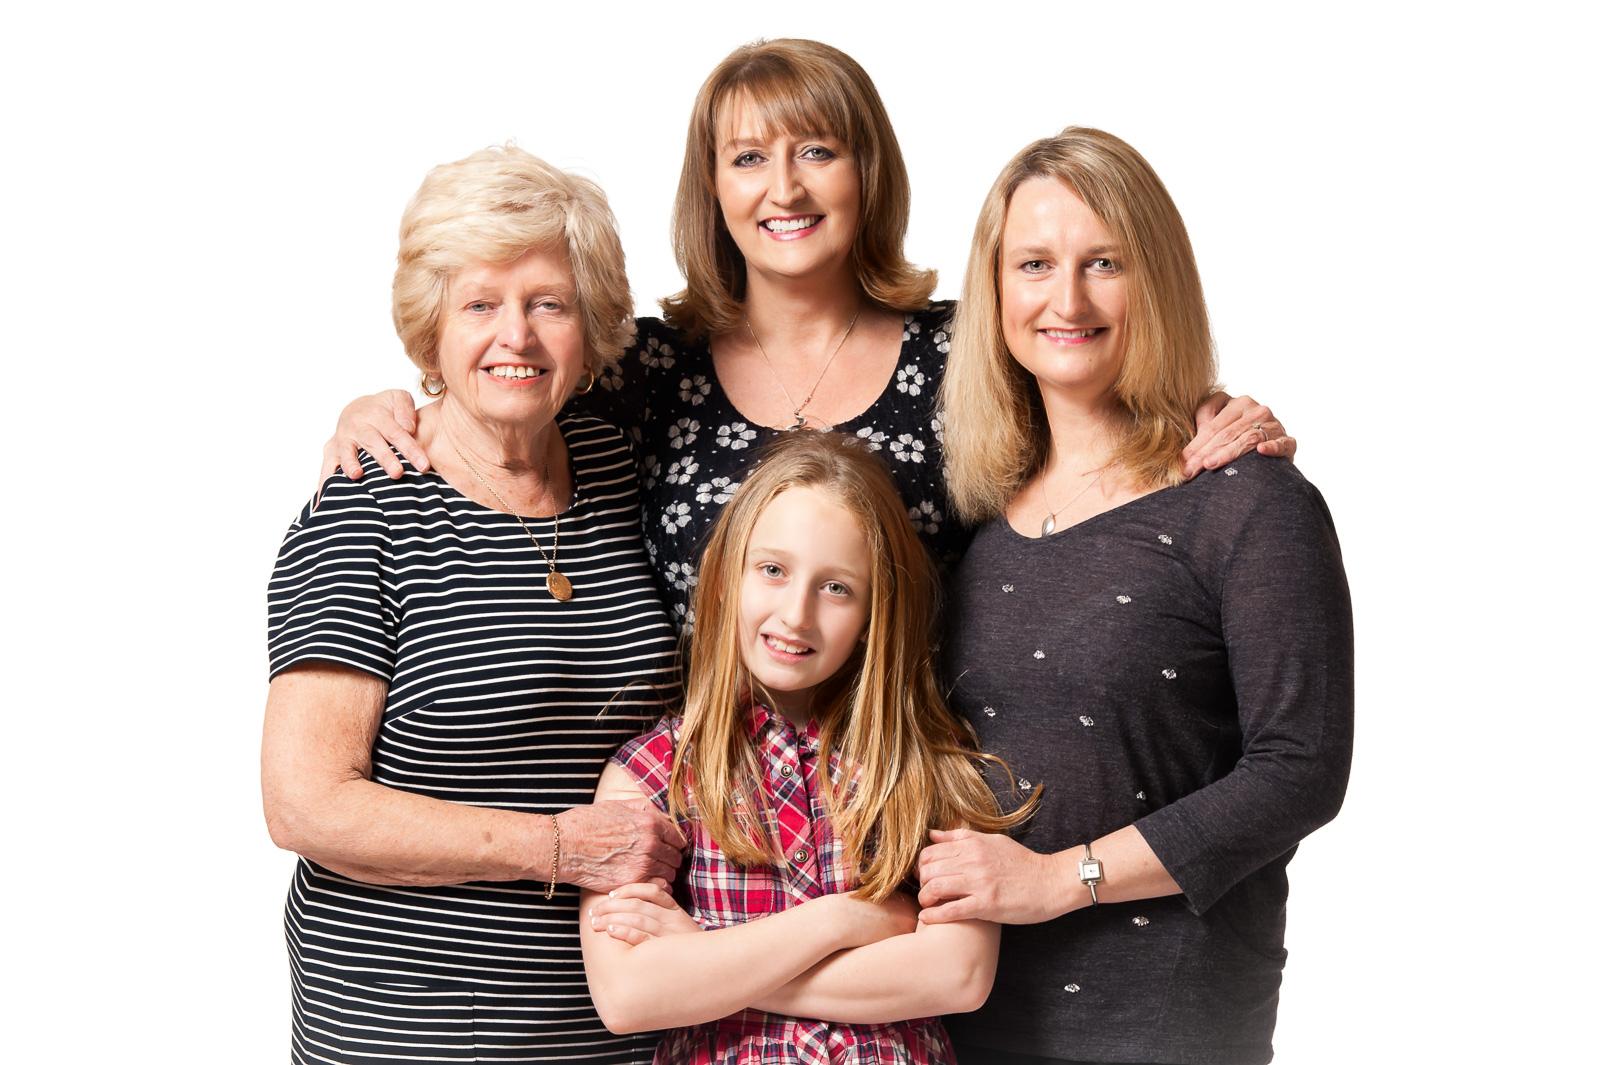 portrait photographer, portrait photography derby, Studio portrait of a family group